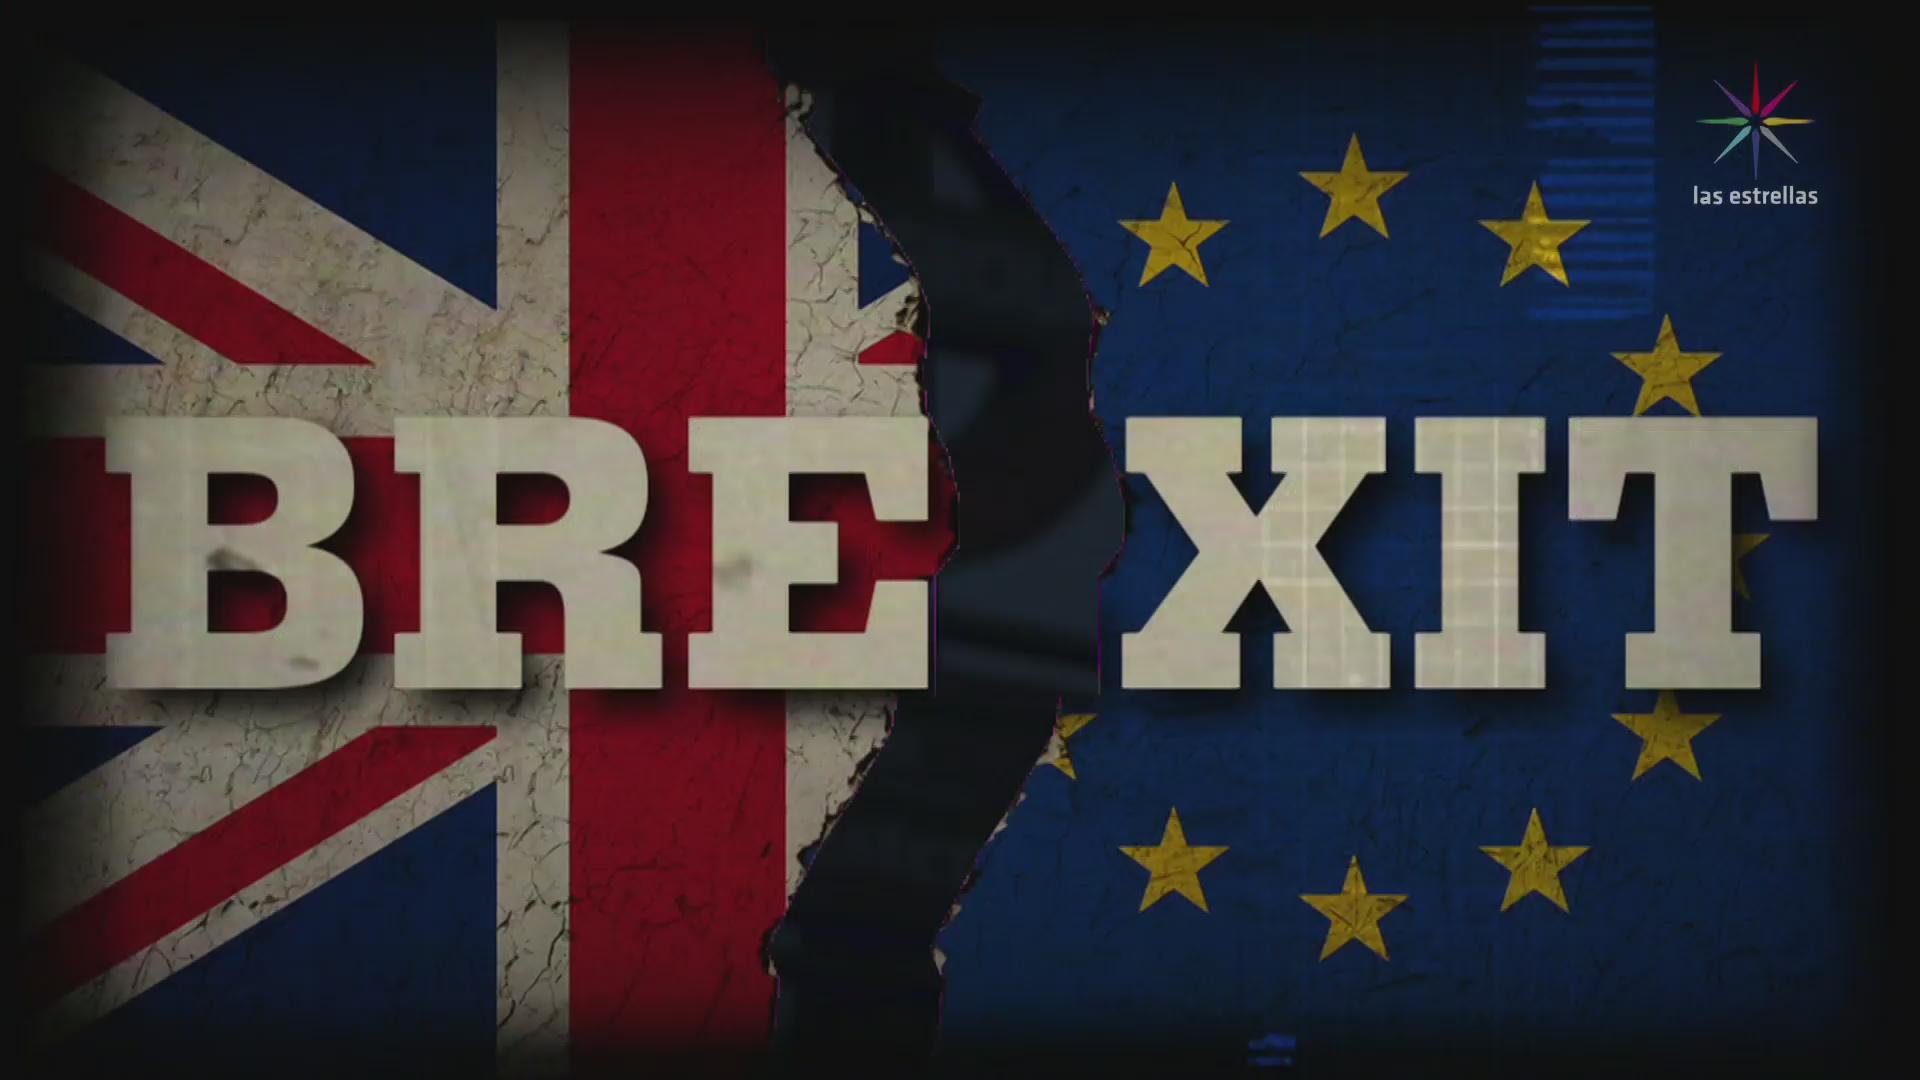 asi es como reino unido decidio activar el brexit